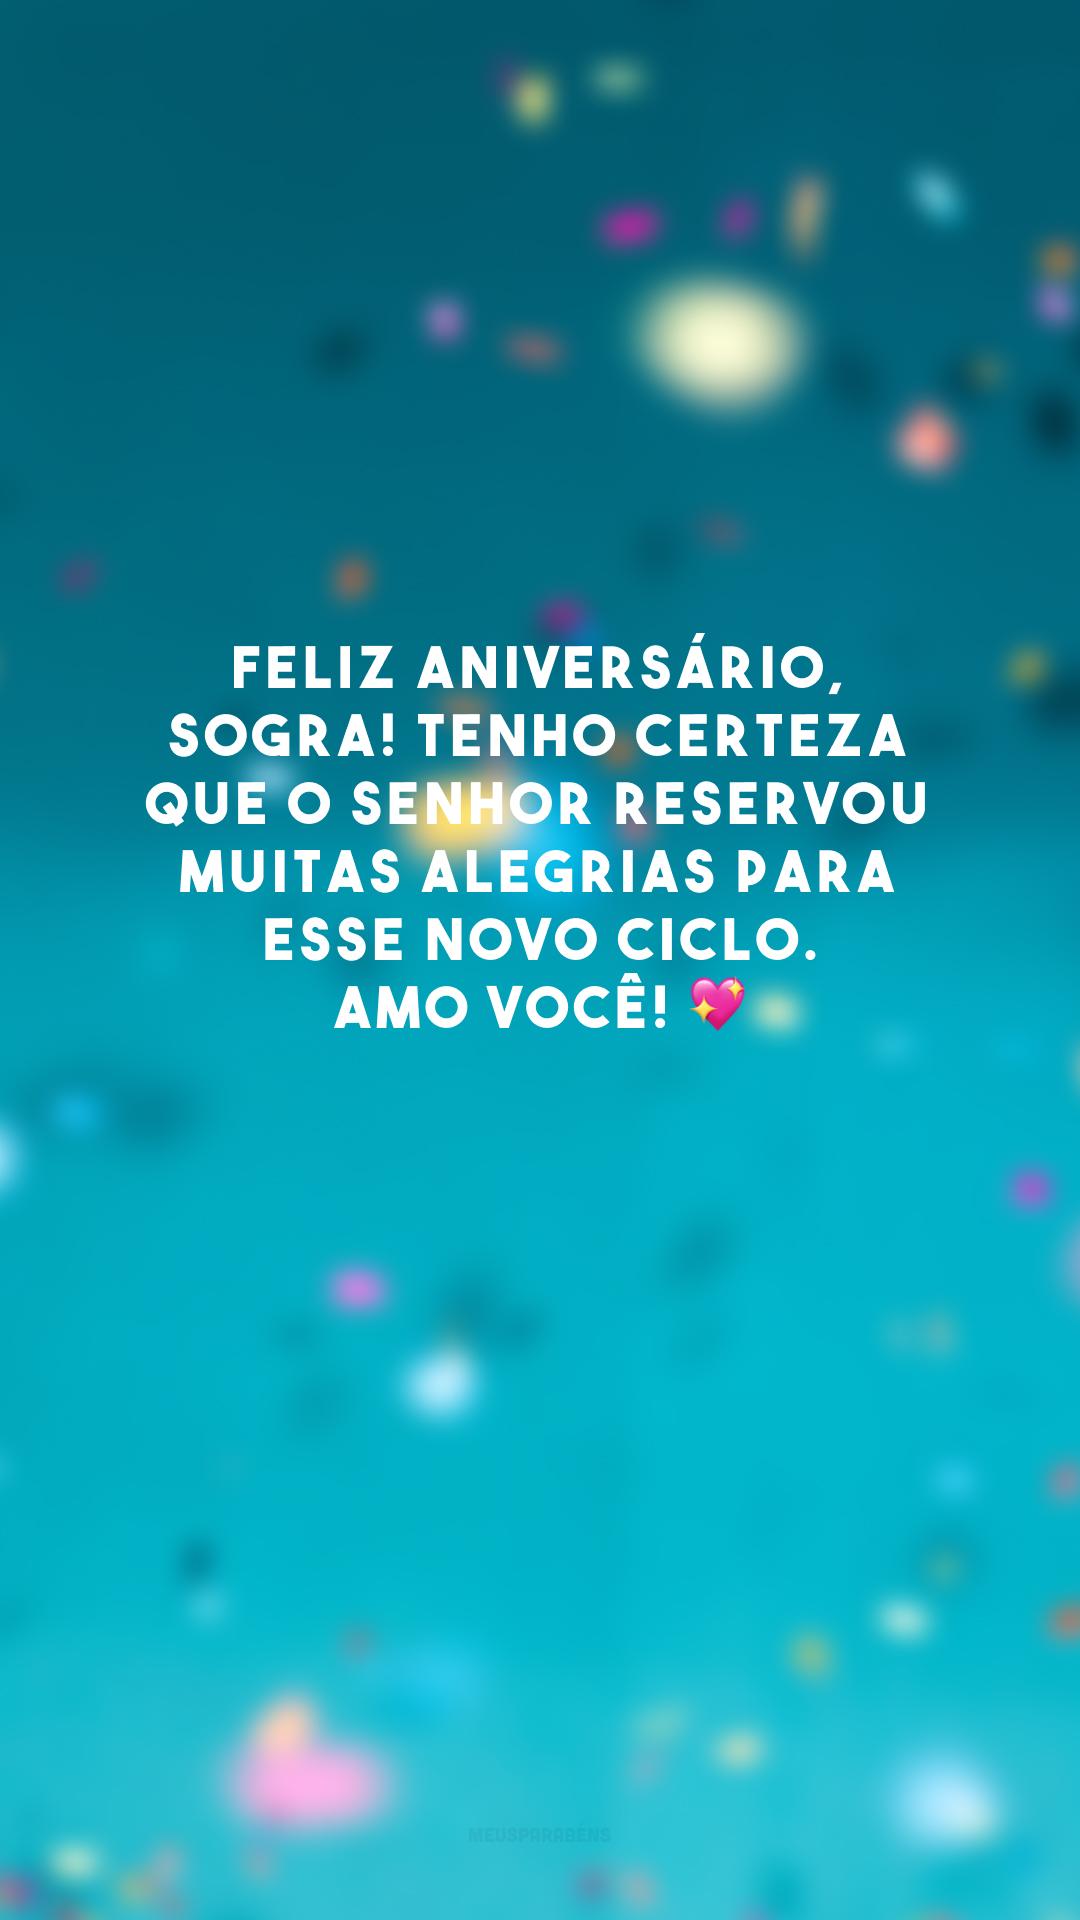 Feliz aniversário, sogra! Tenho certeza que o Senhor reservou muitas alegrias para esse novo ciclo. Amo você! 💖